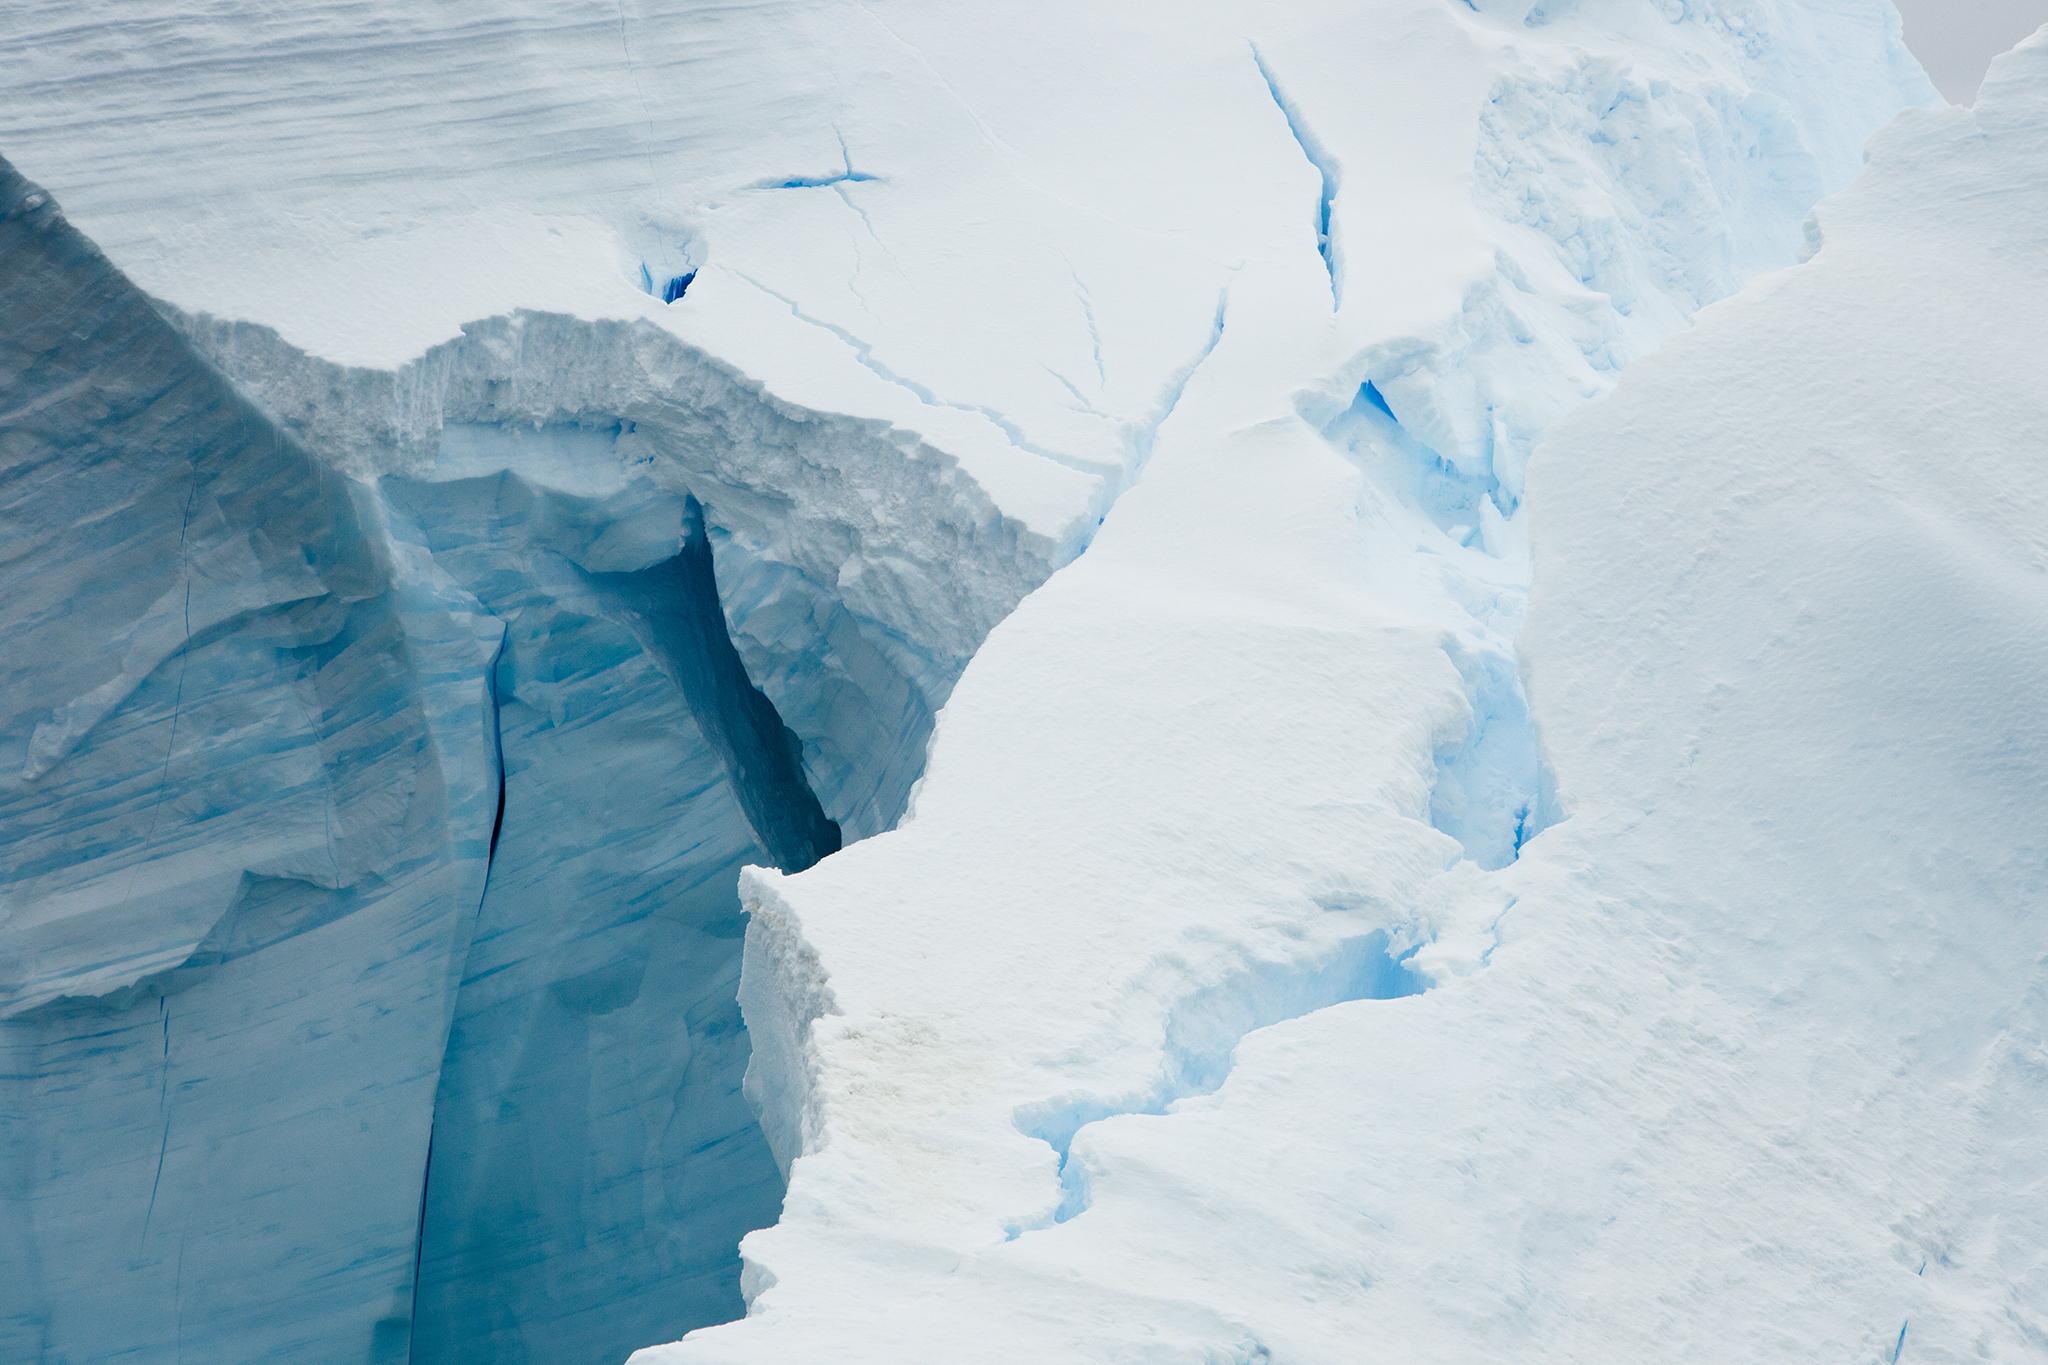 003-TW-Icebergs-140109.jpg